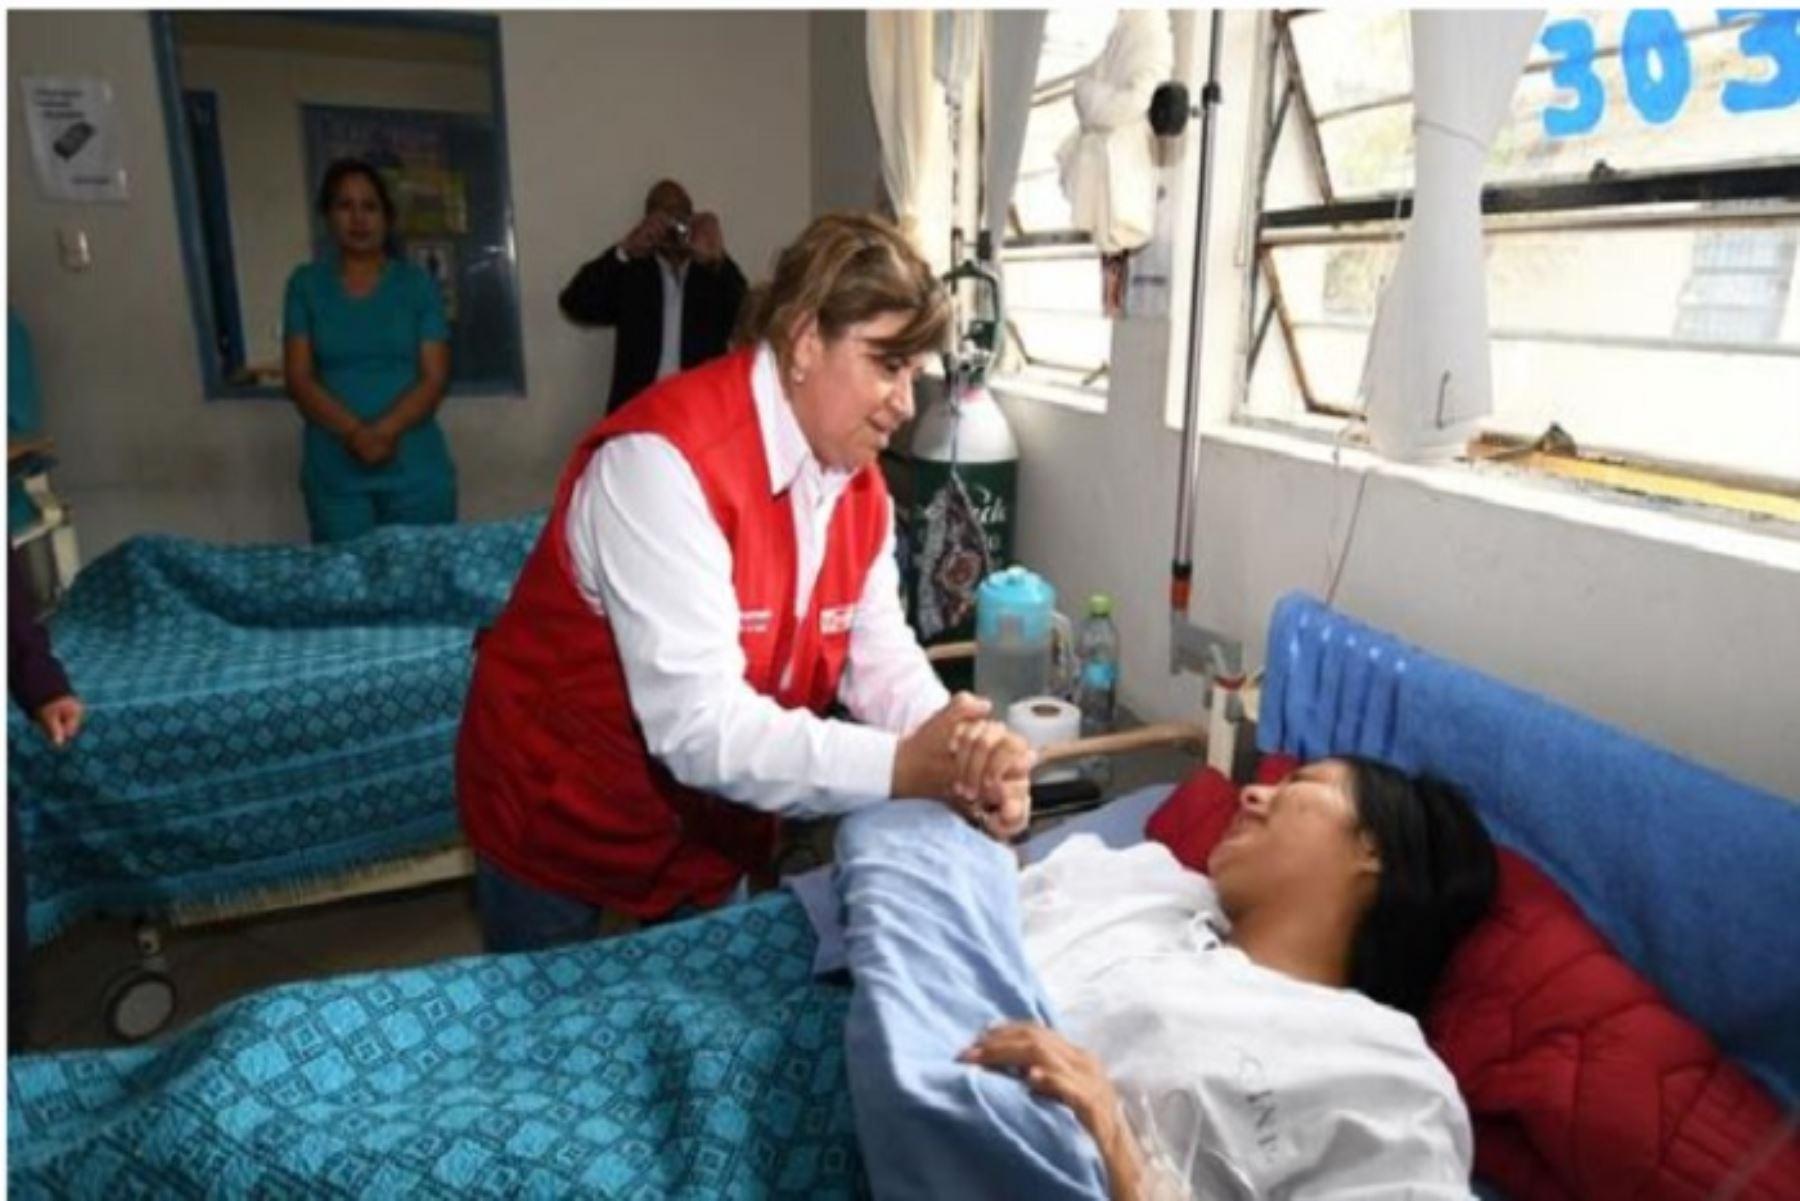 La ministra de Salud, Zulema Tomás, visitó las instalaciones del nuevo hospital regional de Ayacucho y pudo constatar que cuenta con los equipos de alta tecnología y modernos ambientes para la atención de la población.